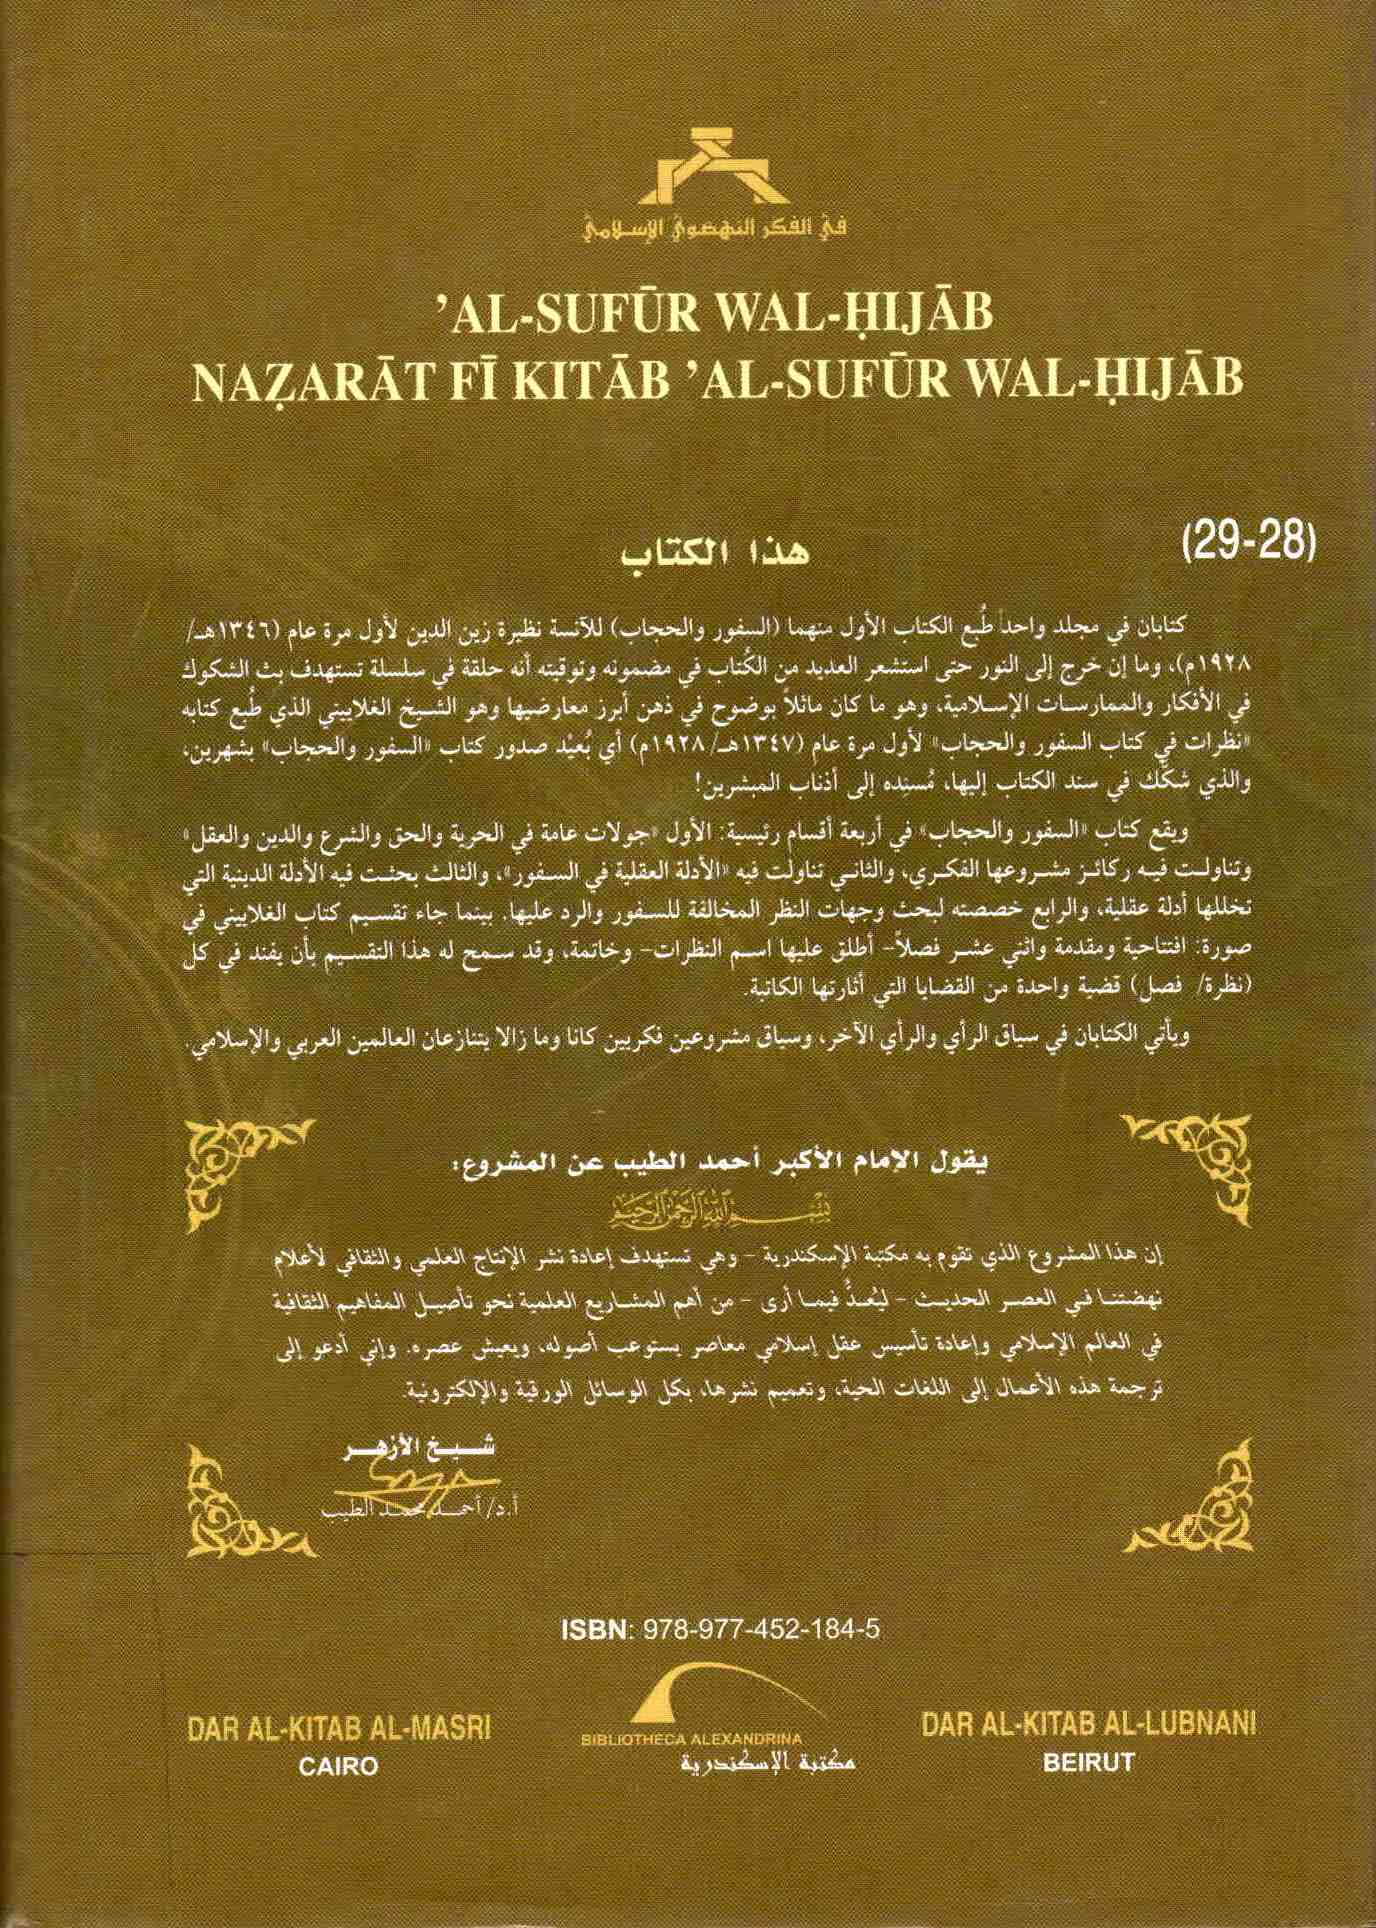 خلفية غلاف كتاب السفور والحجاب